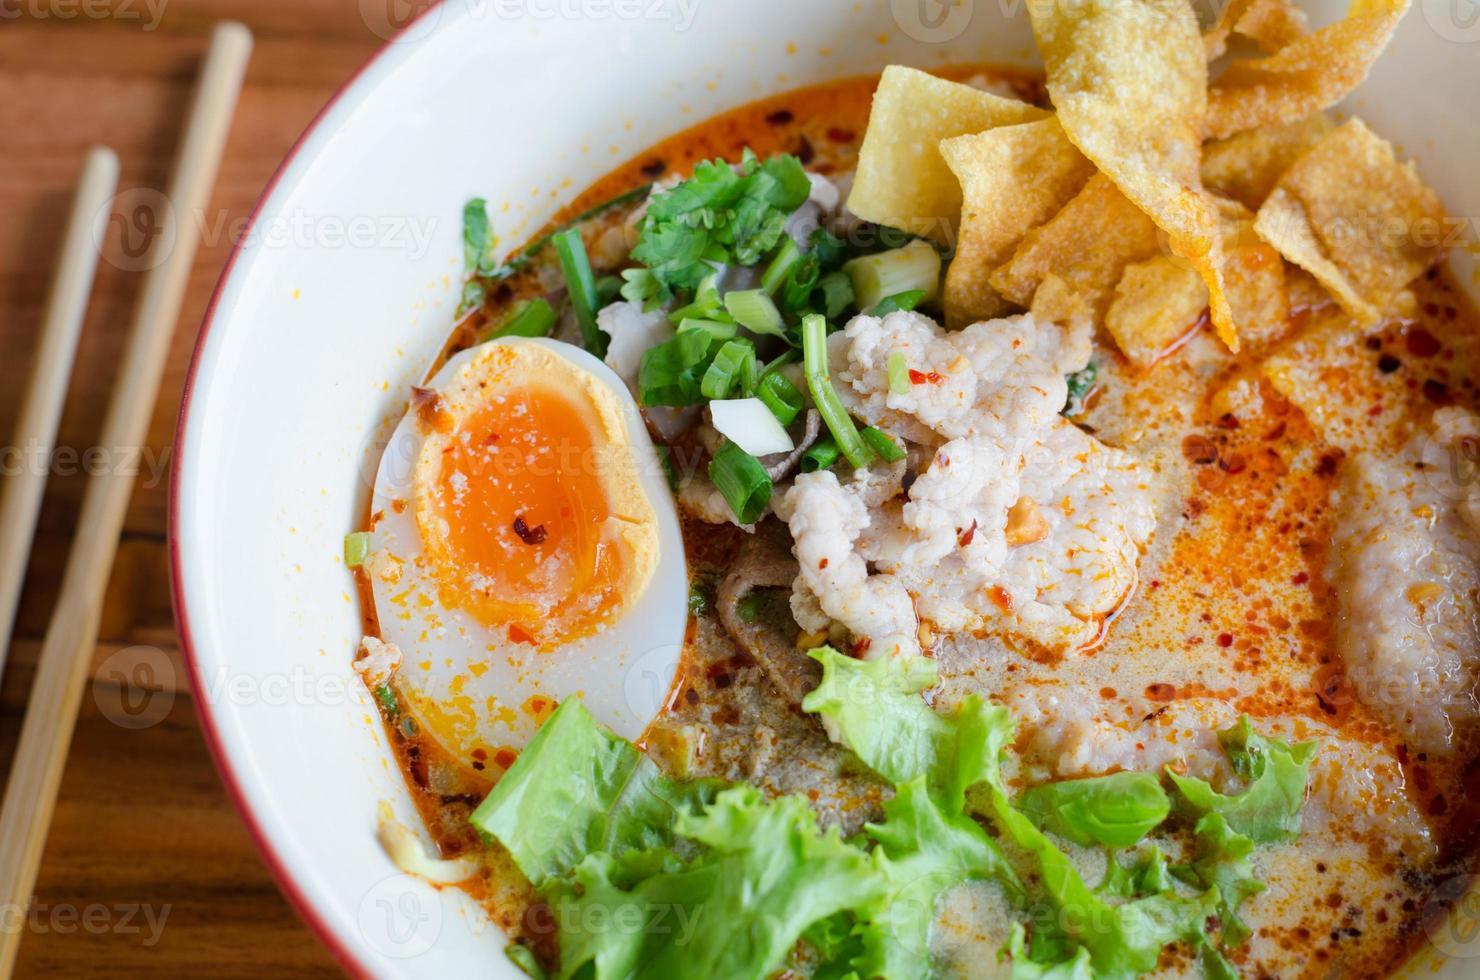 nouilles tomyum au porc et aux œufs photo